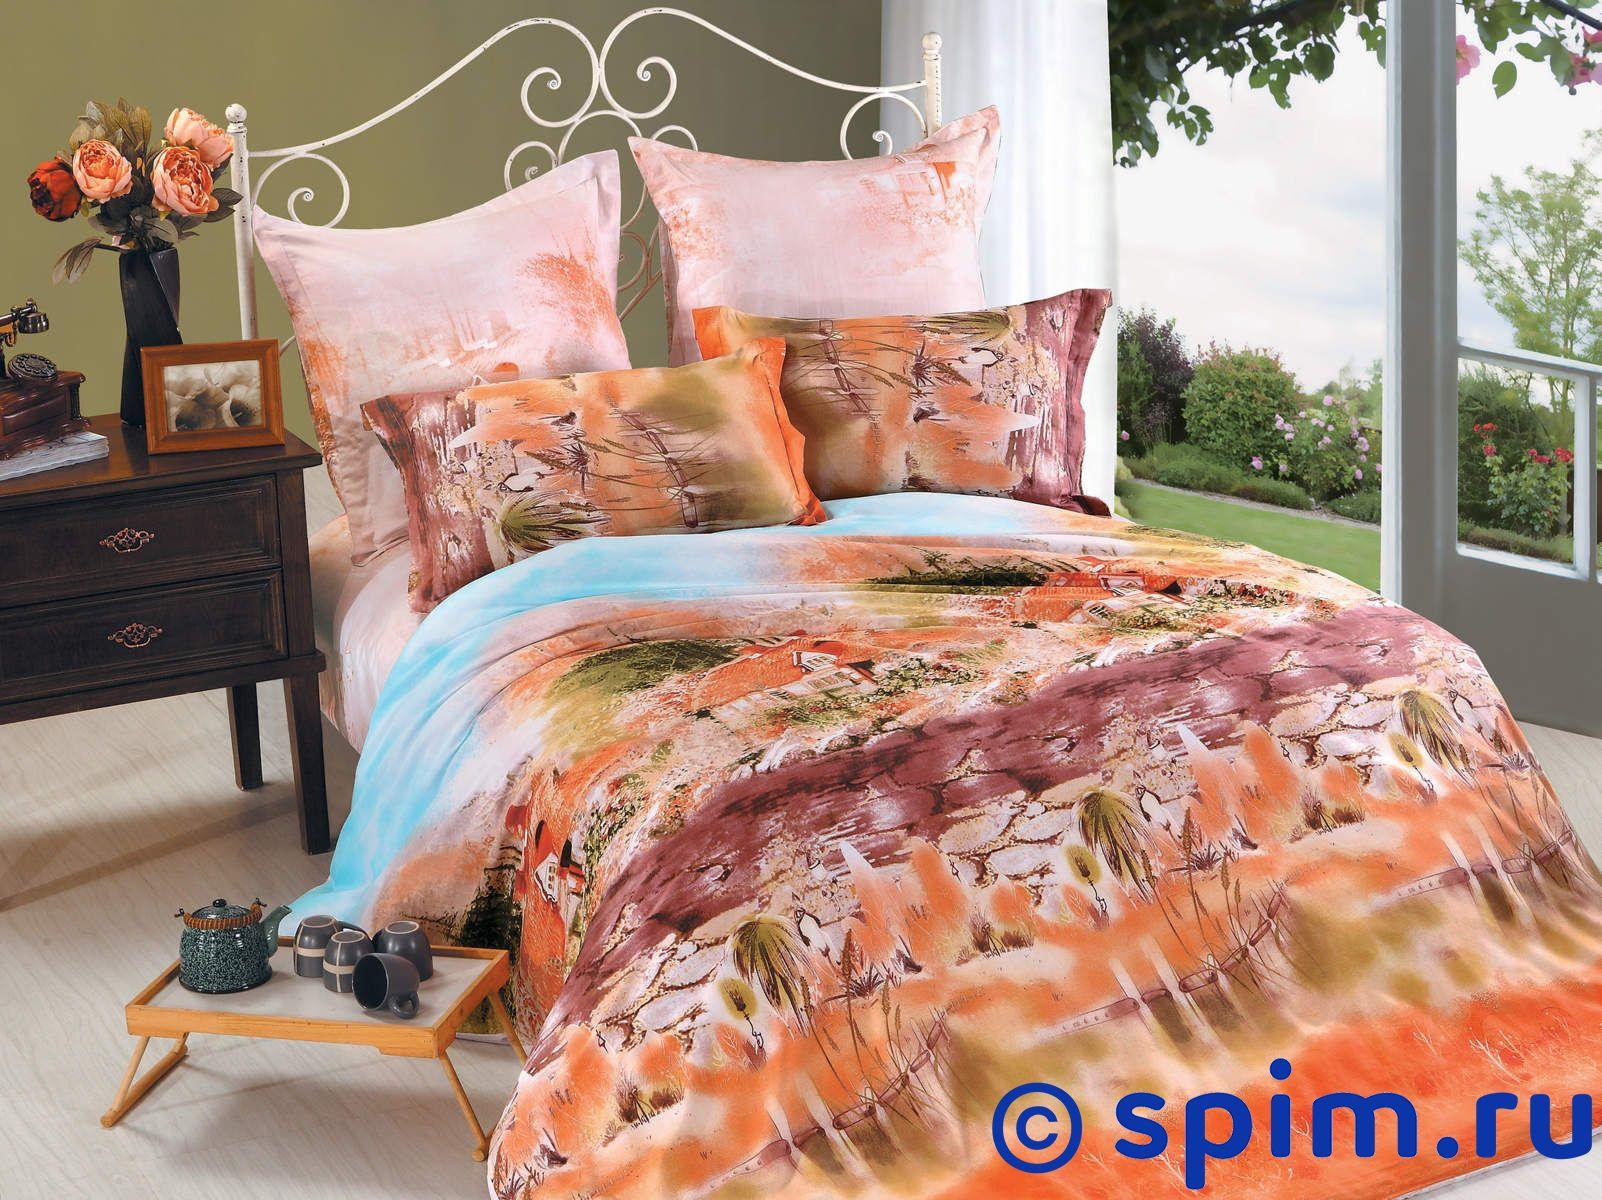 Комплект СайлиД В139 1.5 спальноеСатиновое постельное белье СайлиД<br>Материал: 100% хлопок (печатный сатин). Плотность, г/м2: 130. Размер Sailid Б: 1.5 спальное<br><br>Размер: 1.5 спальное